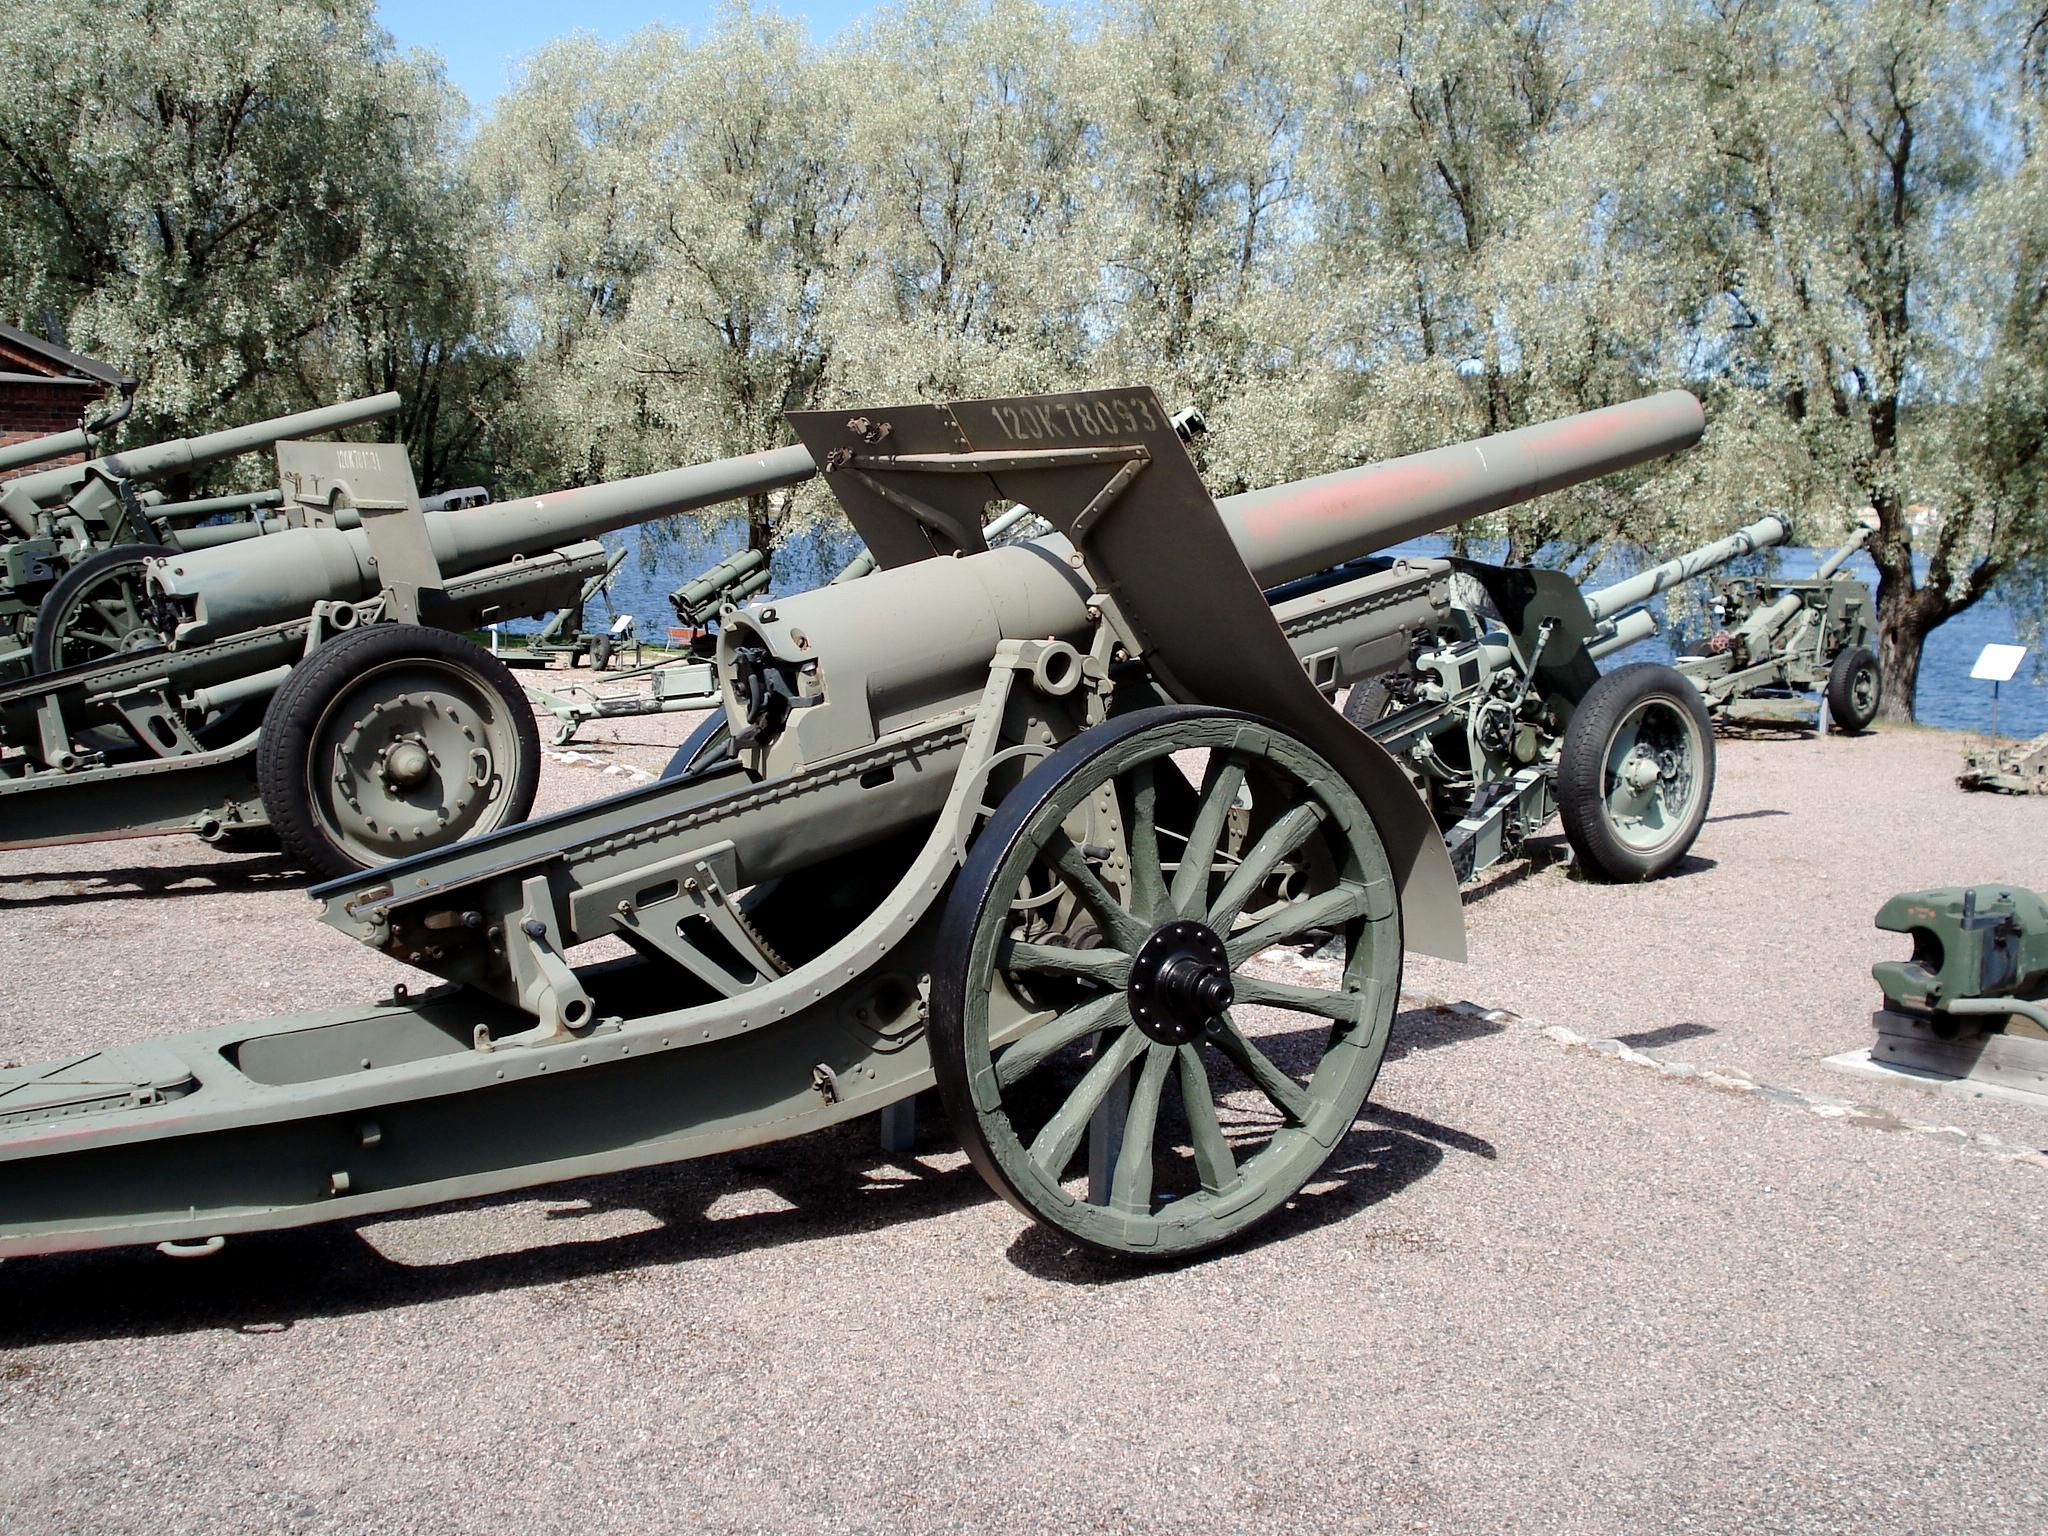 Schneider_120mm_mark_78-09-31_gun_1.jpg